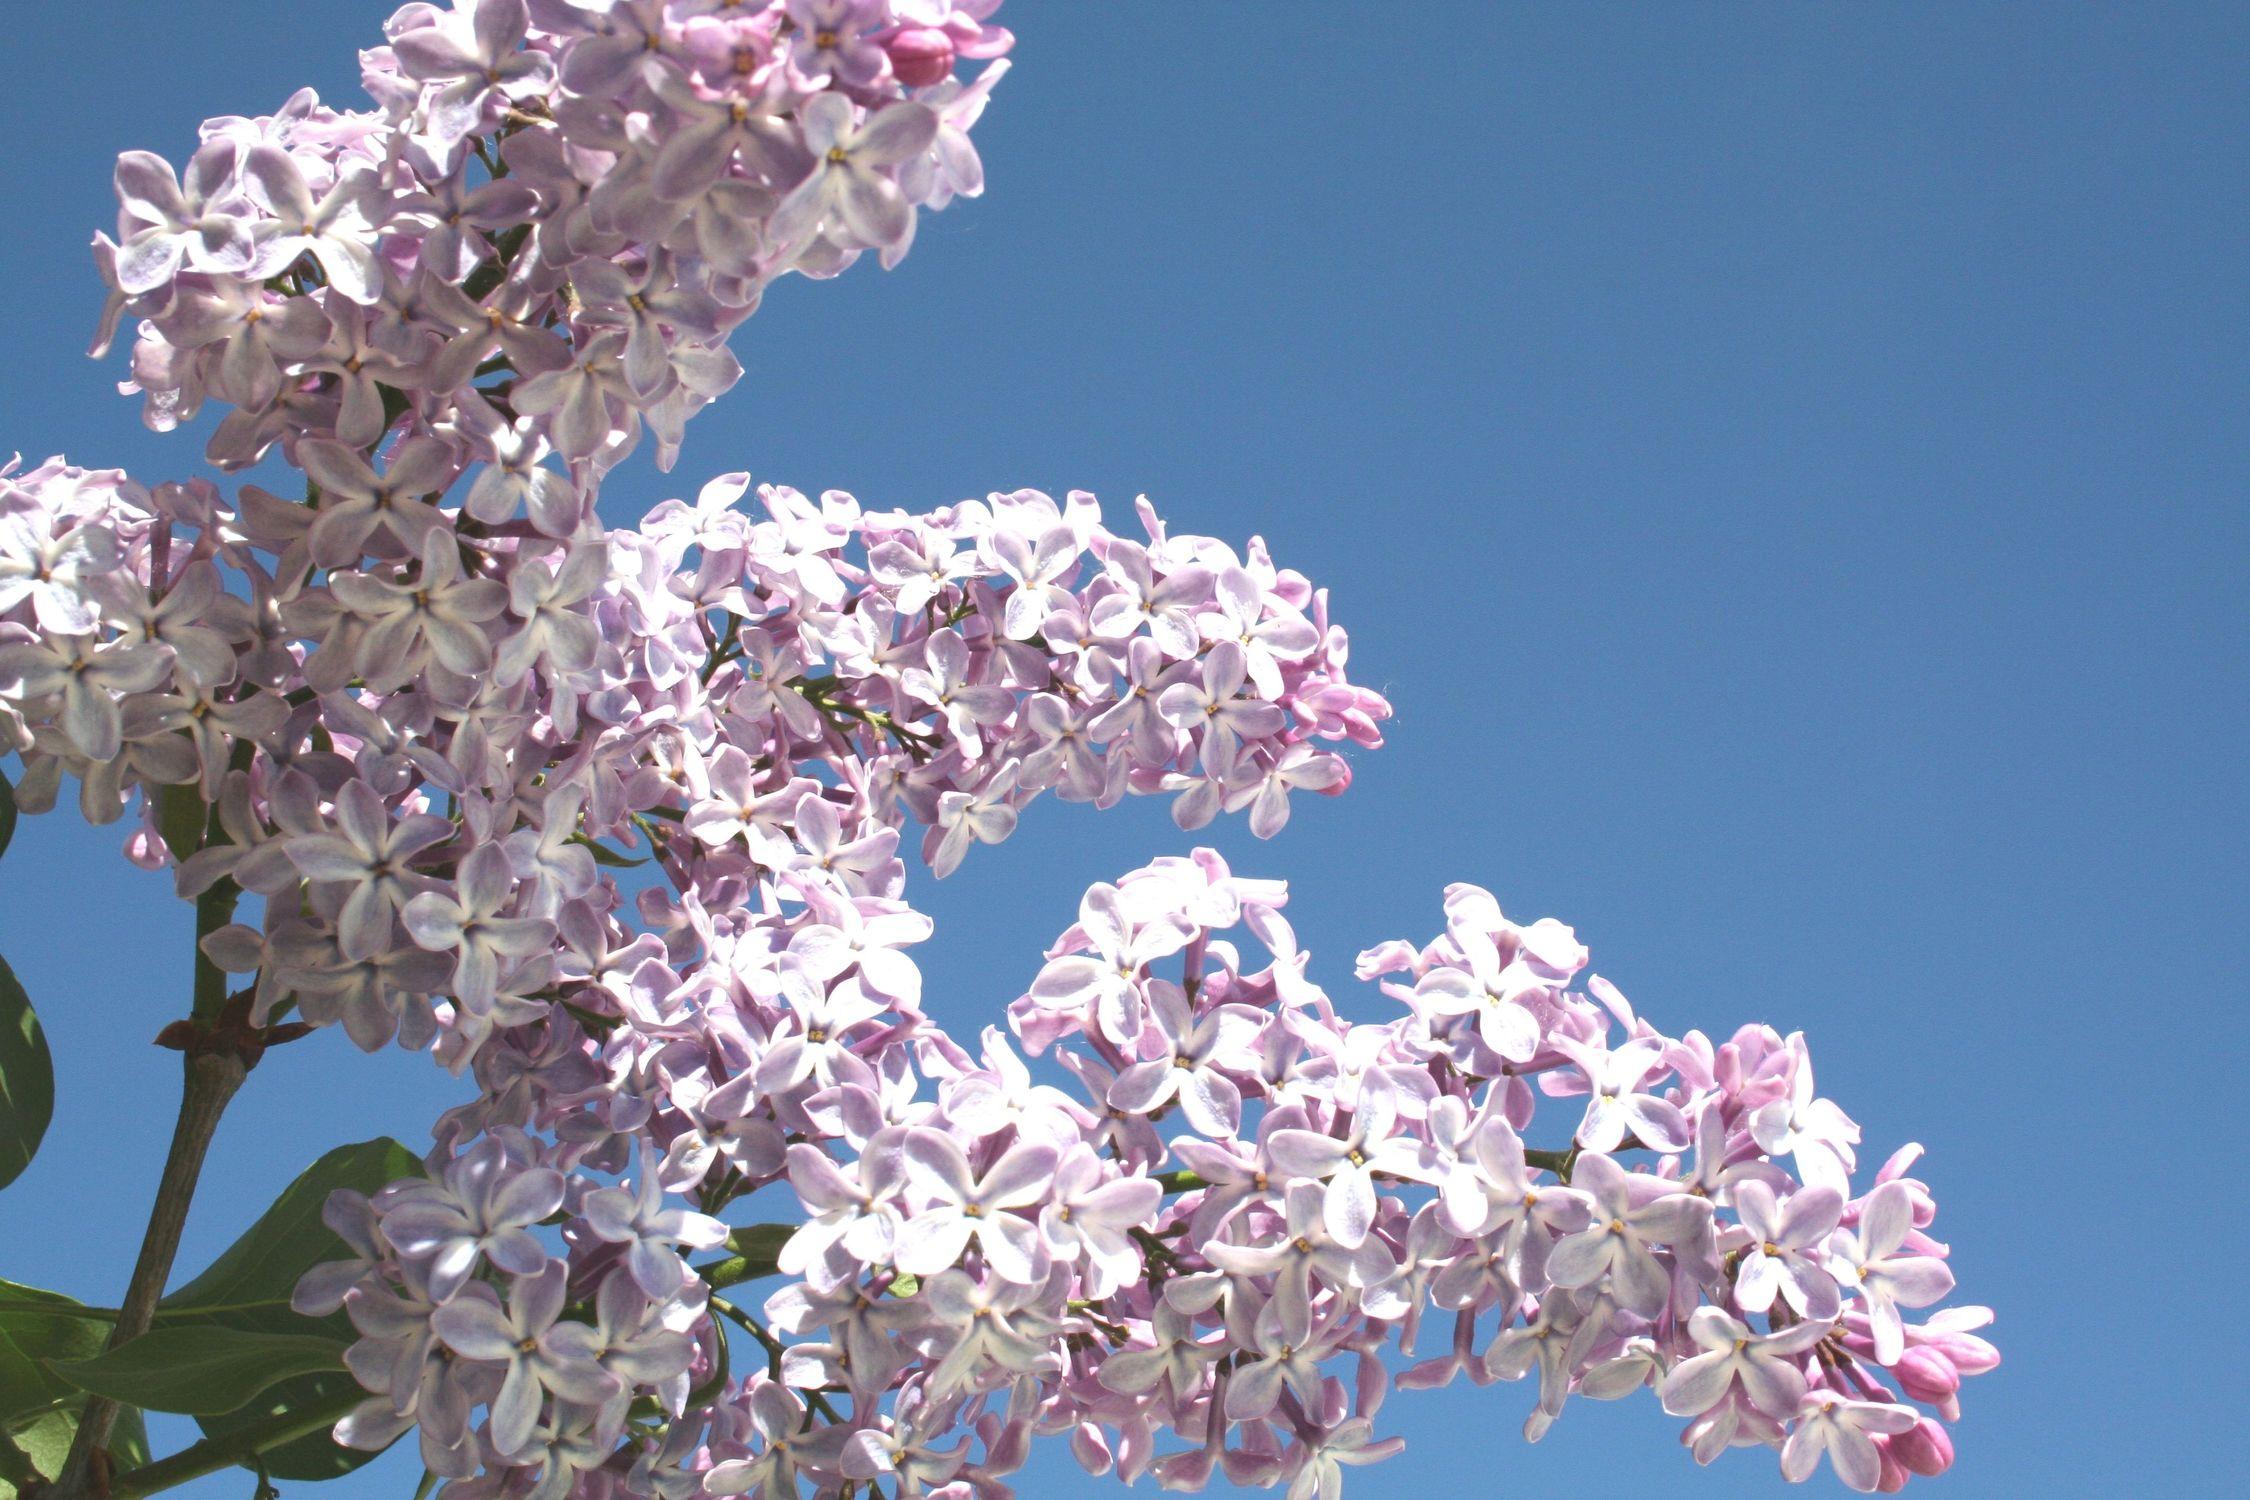 Bild mit Farben, Natur, Pflanzen, Bäume, Jahreszeiten, Blumen, Lila, Frühling, Blau, Pflanze, blüte, flieder